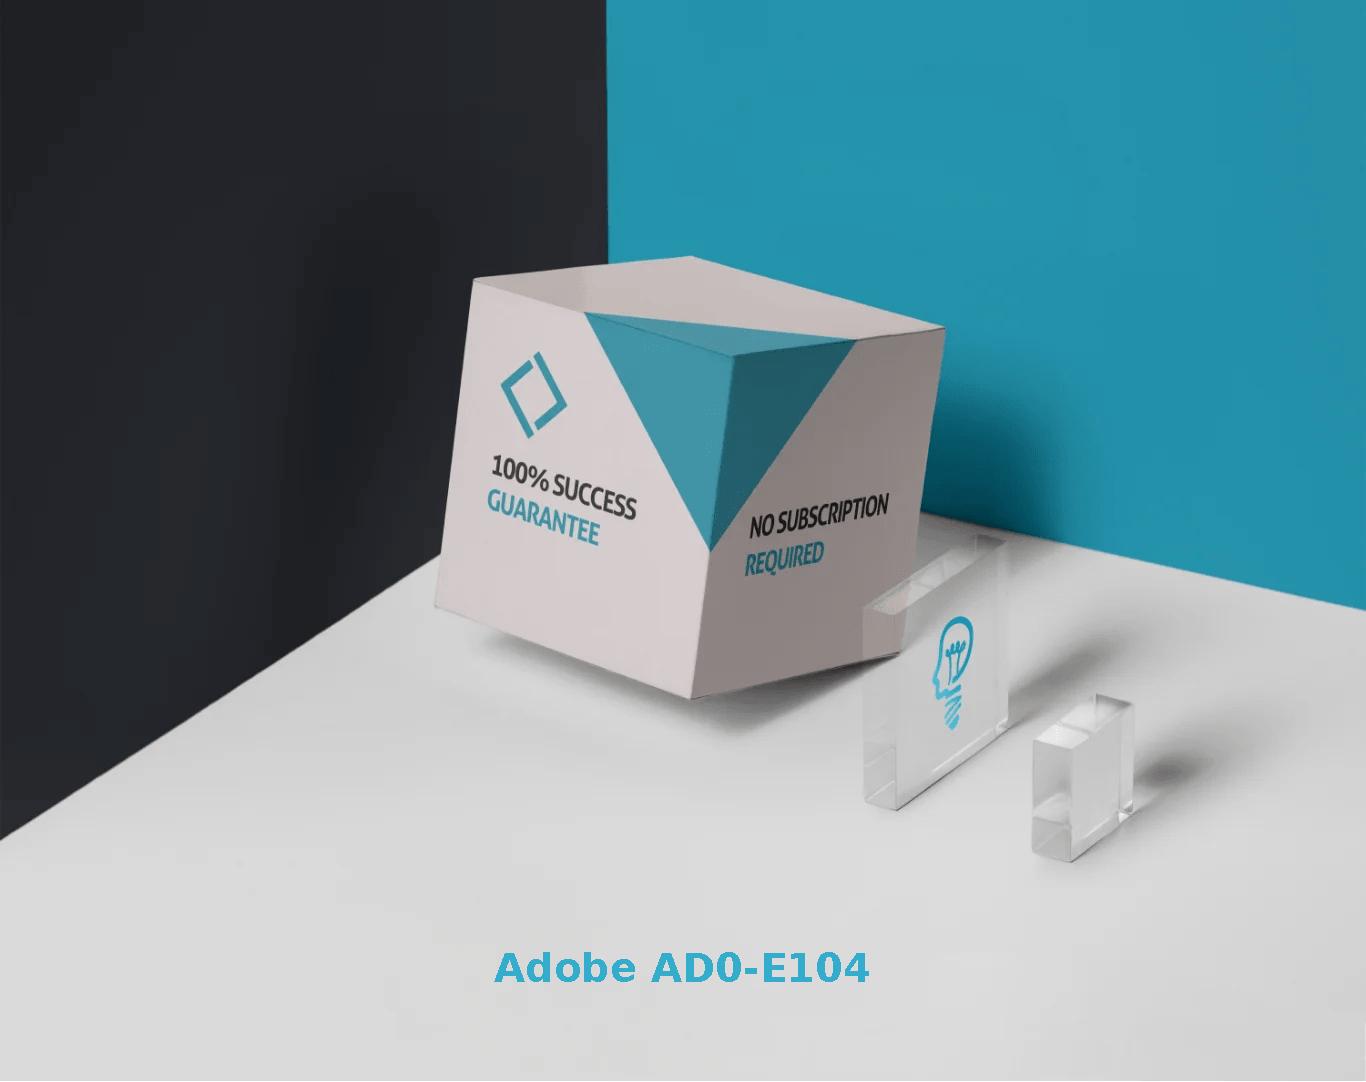 AD0-E104 Dumps